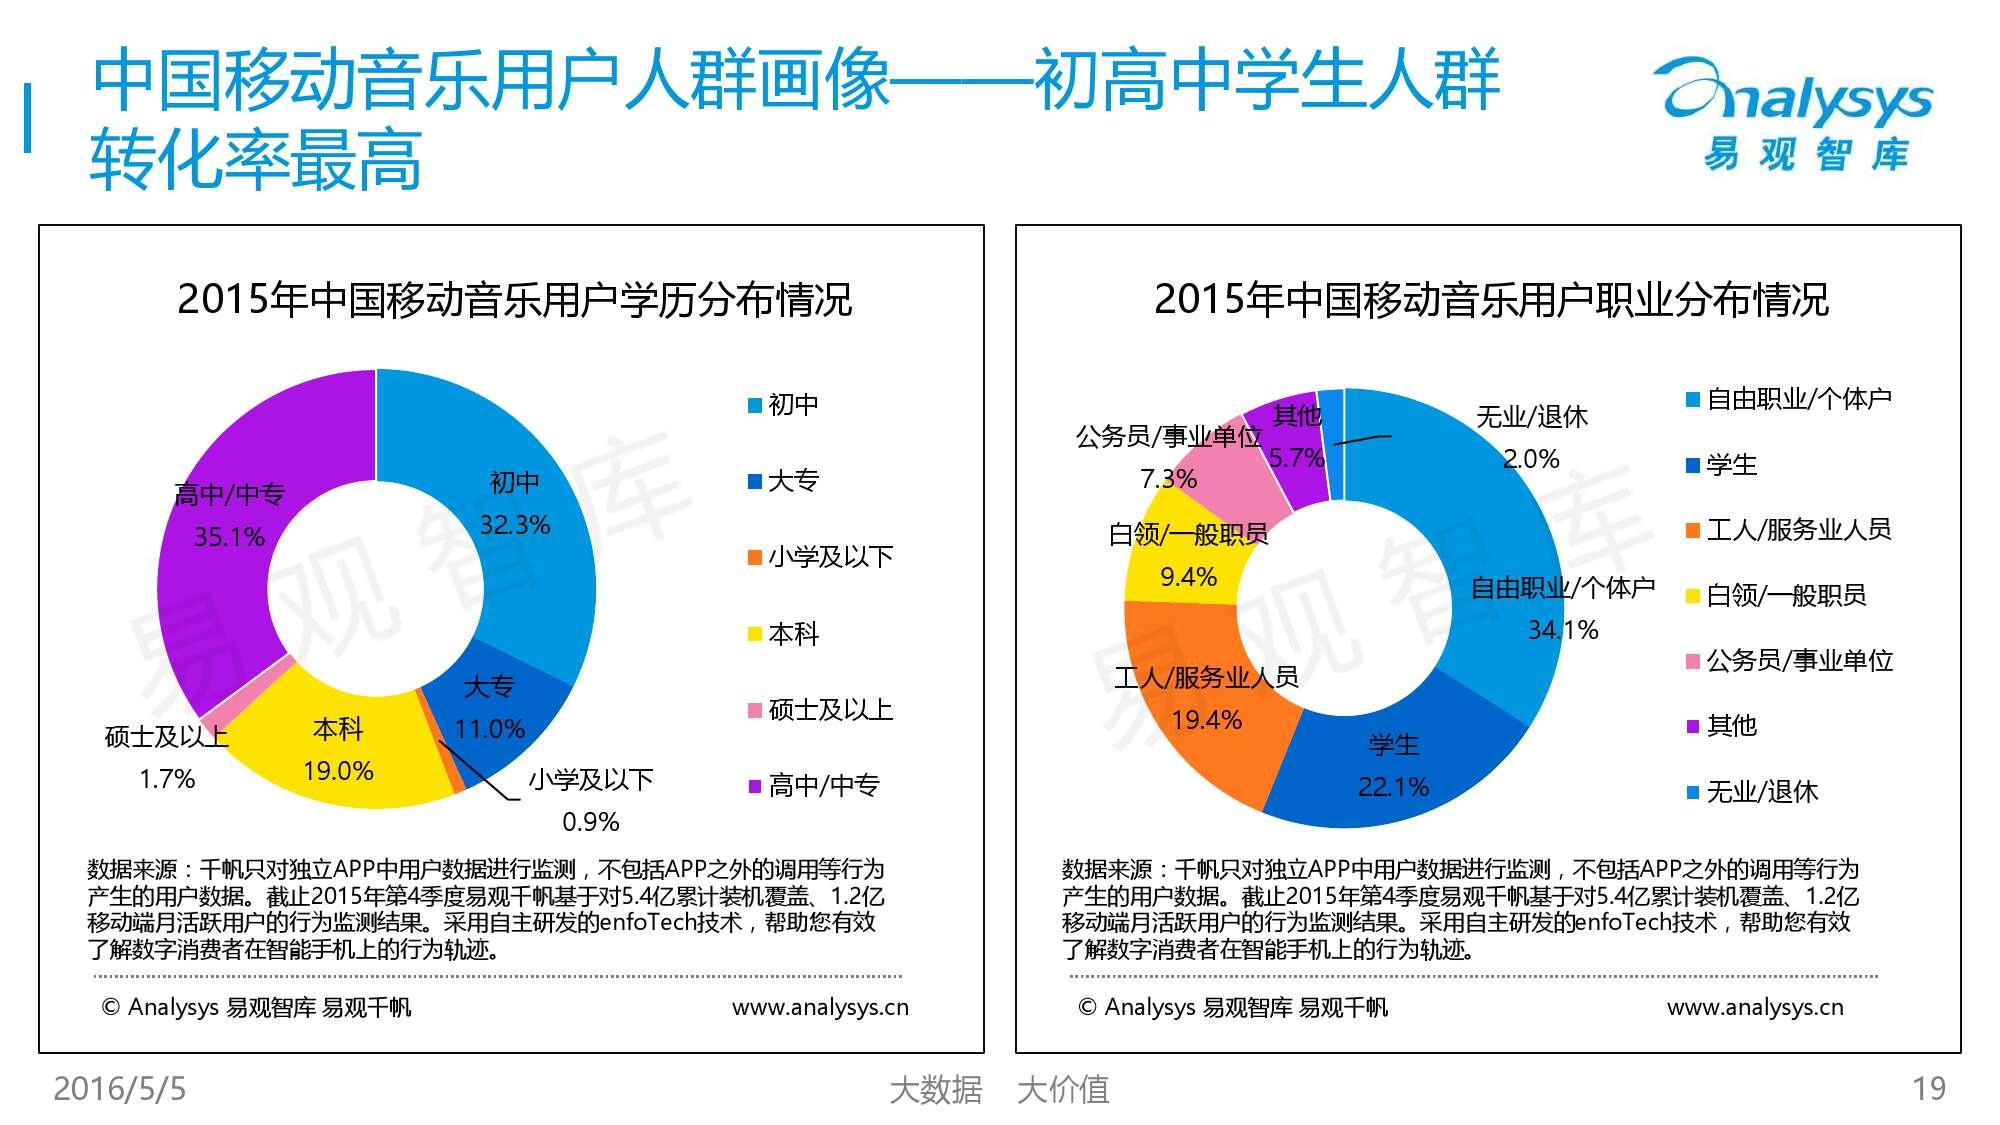 2016中国移动音乐市场年度综合报告_000019